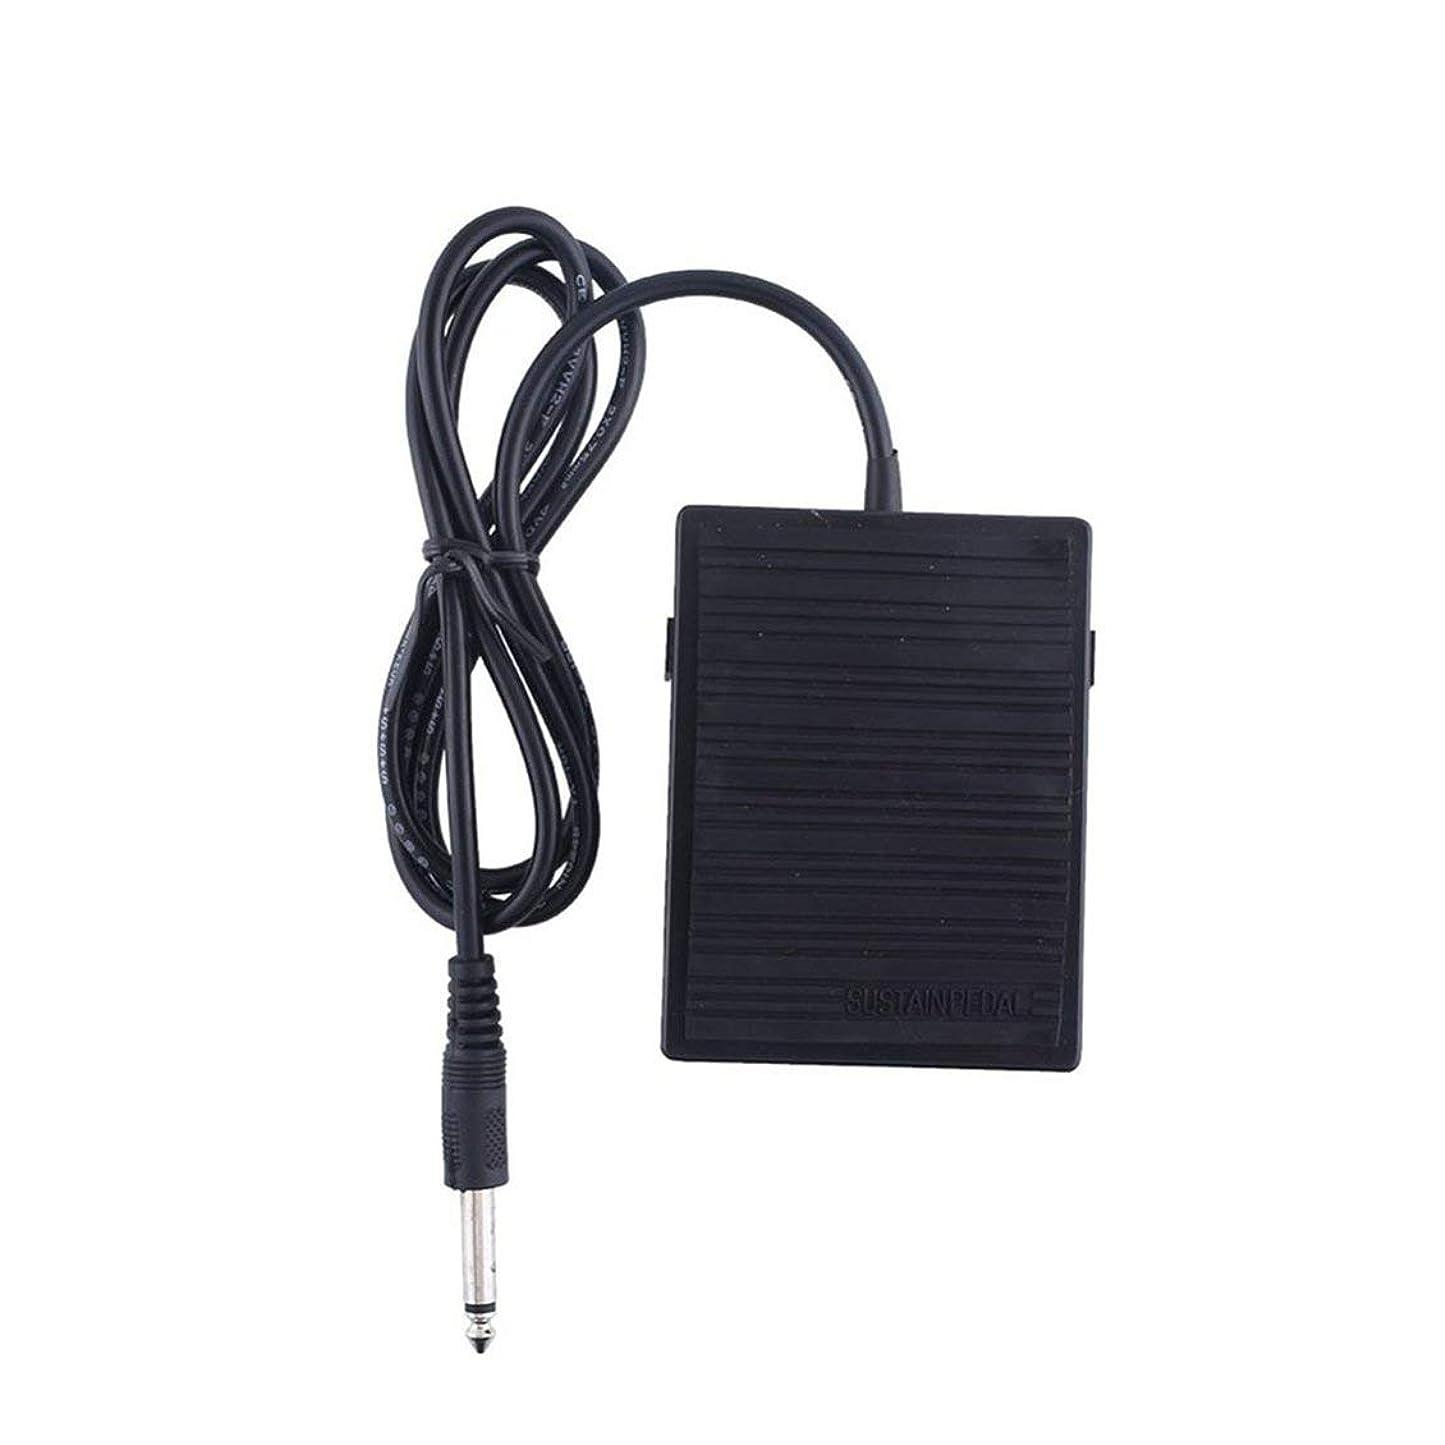 ジャンプくつろぎ六Followmyheart 耐久性のある使用フットサスティンペダルコントローラースイッチ用電子ピアノキーボード楽器ミュージカルトーンピアノアクセサリー